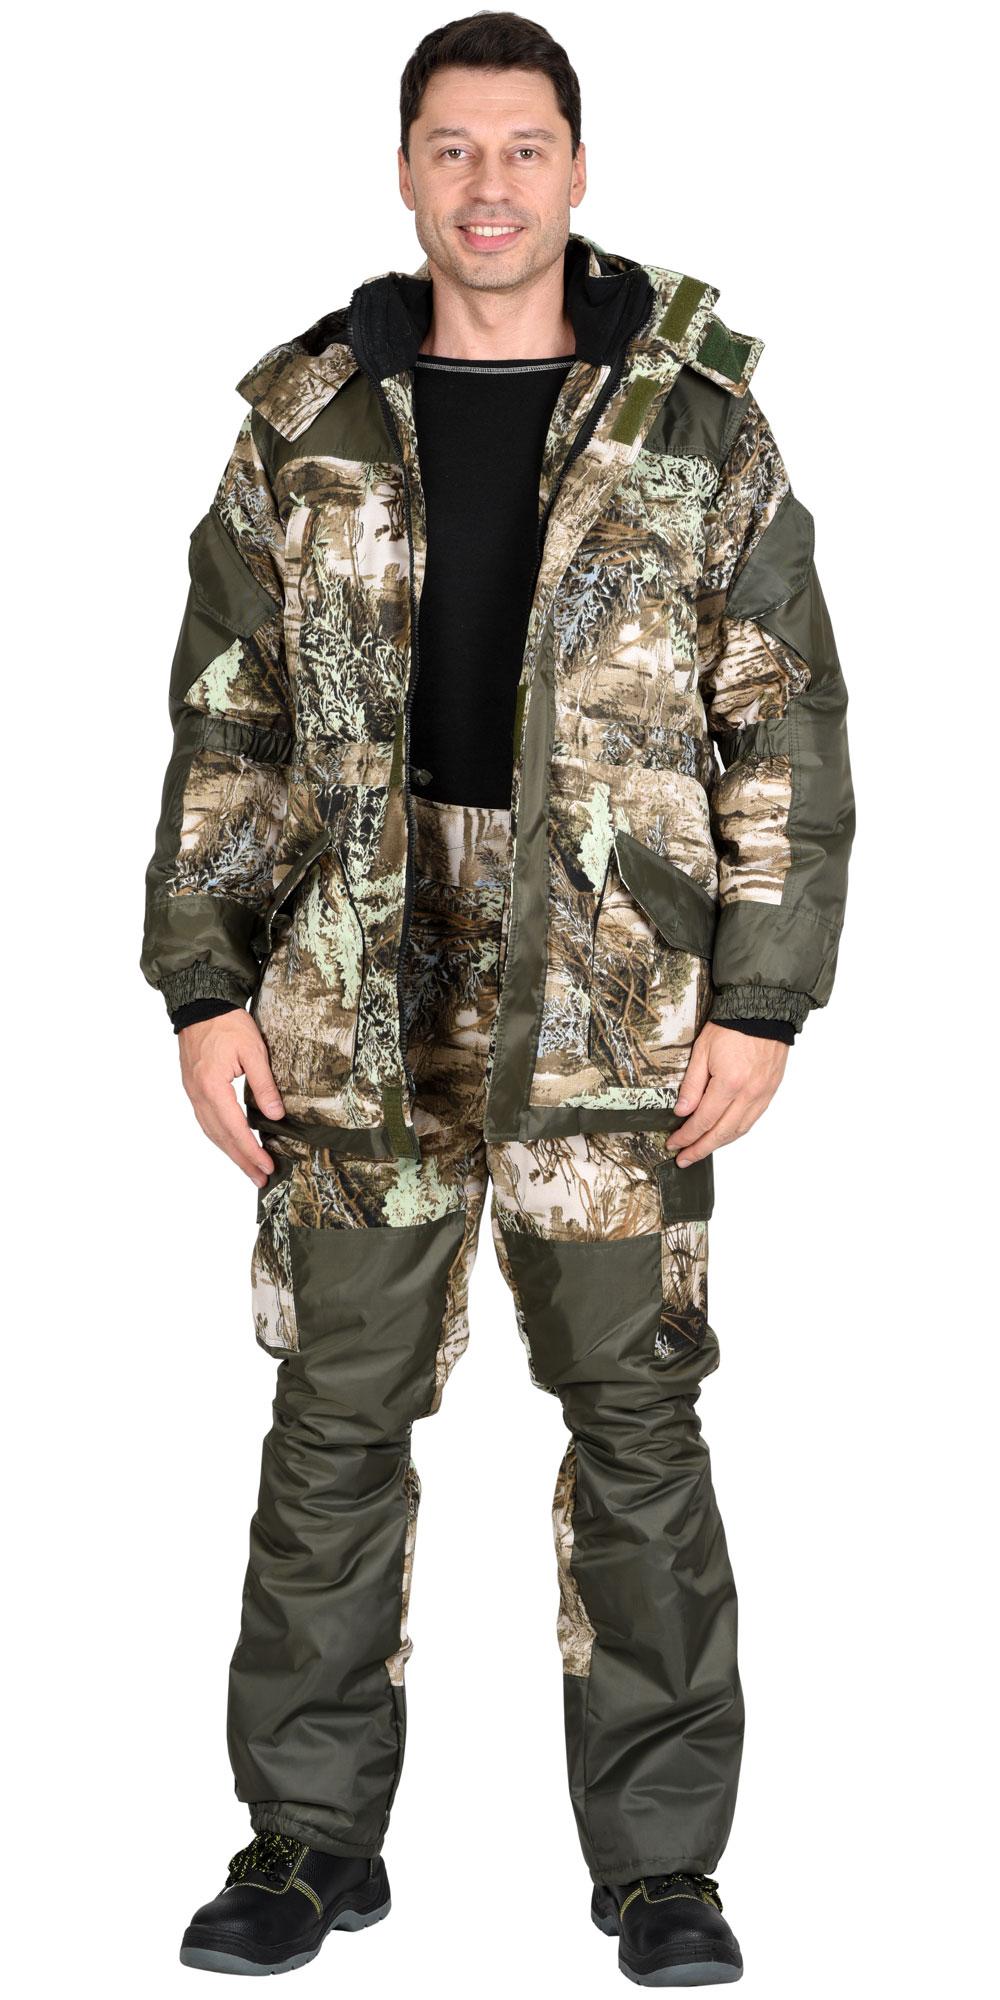 """Костюм """"ГОРКА"""" куртка дл., брюки, КМФ """"Серый мох"""""""